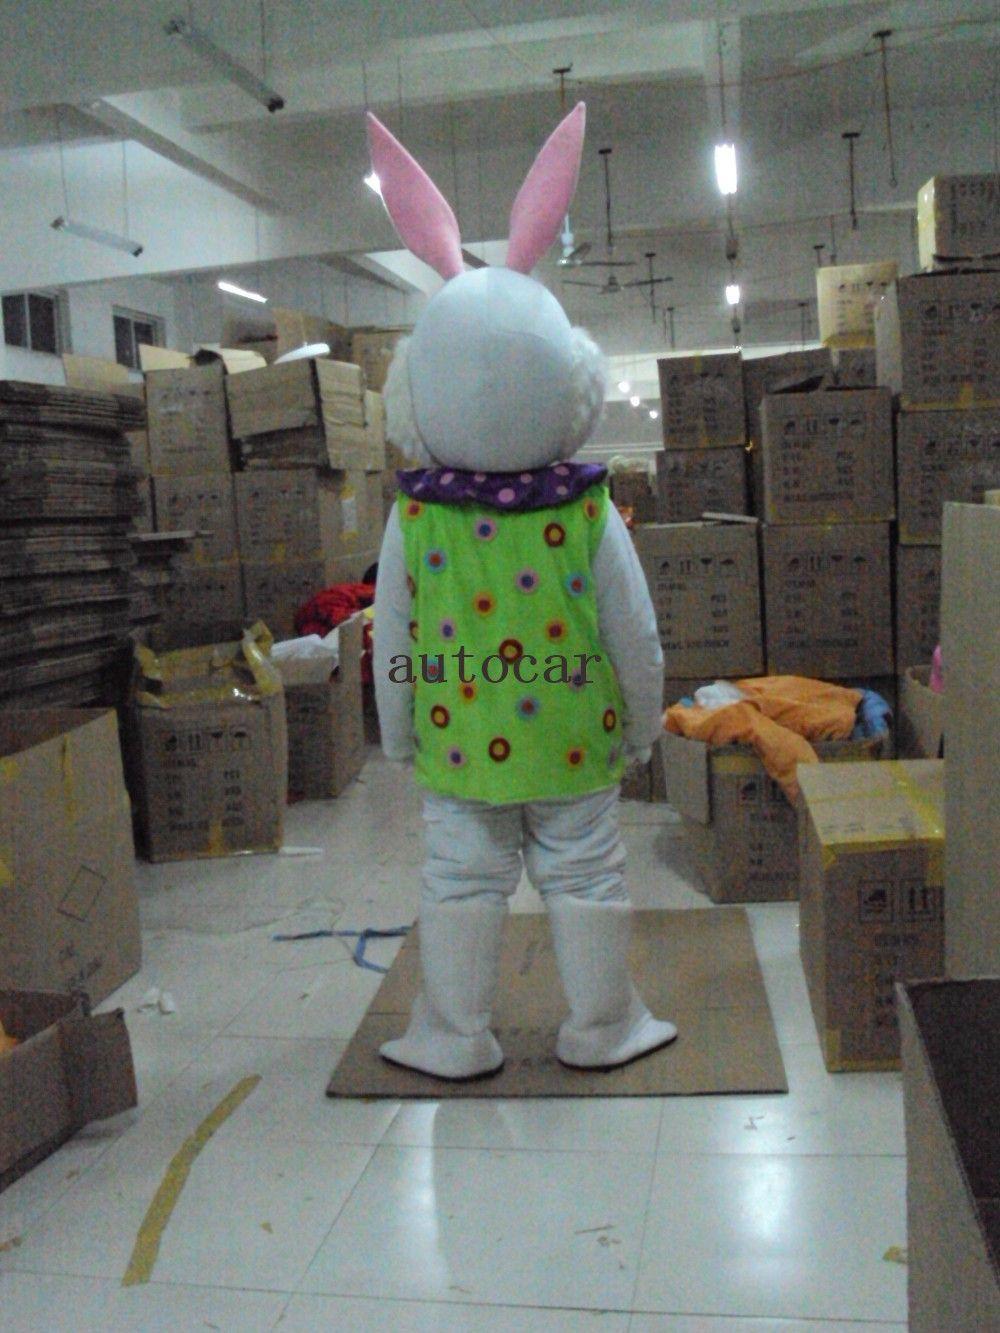 Traje de mascote de coelho traje de mascote como moda frete grátis